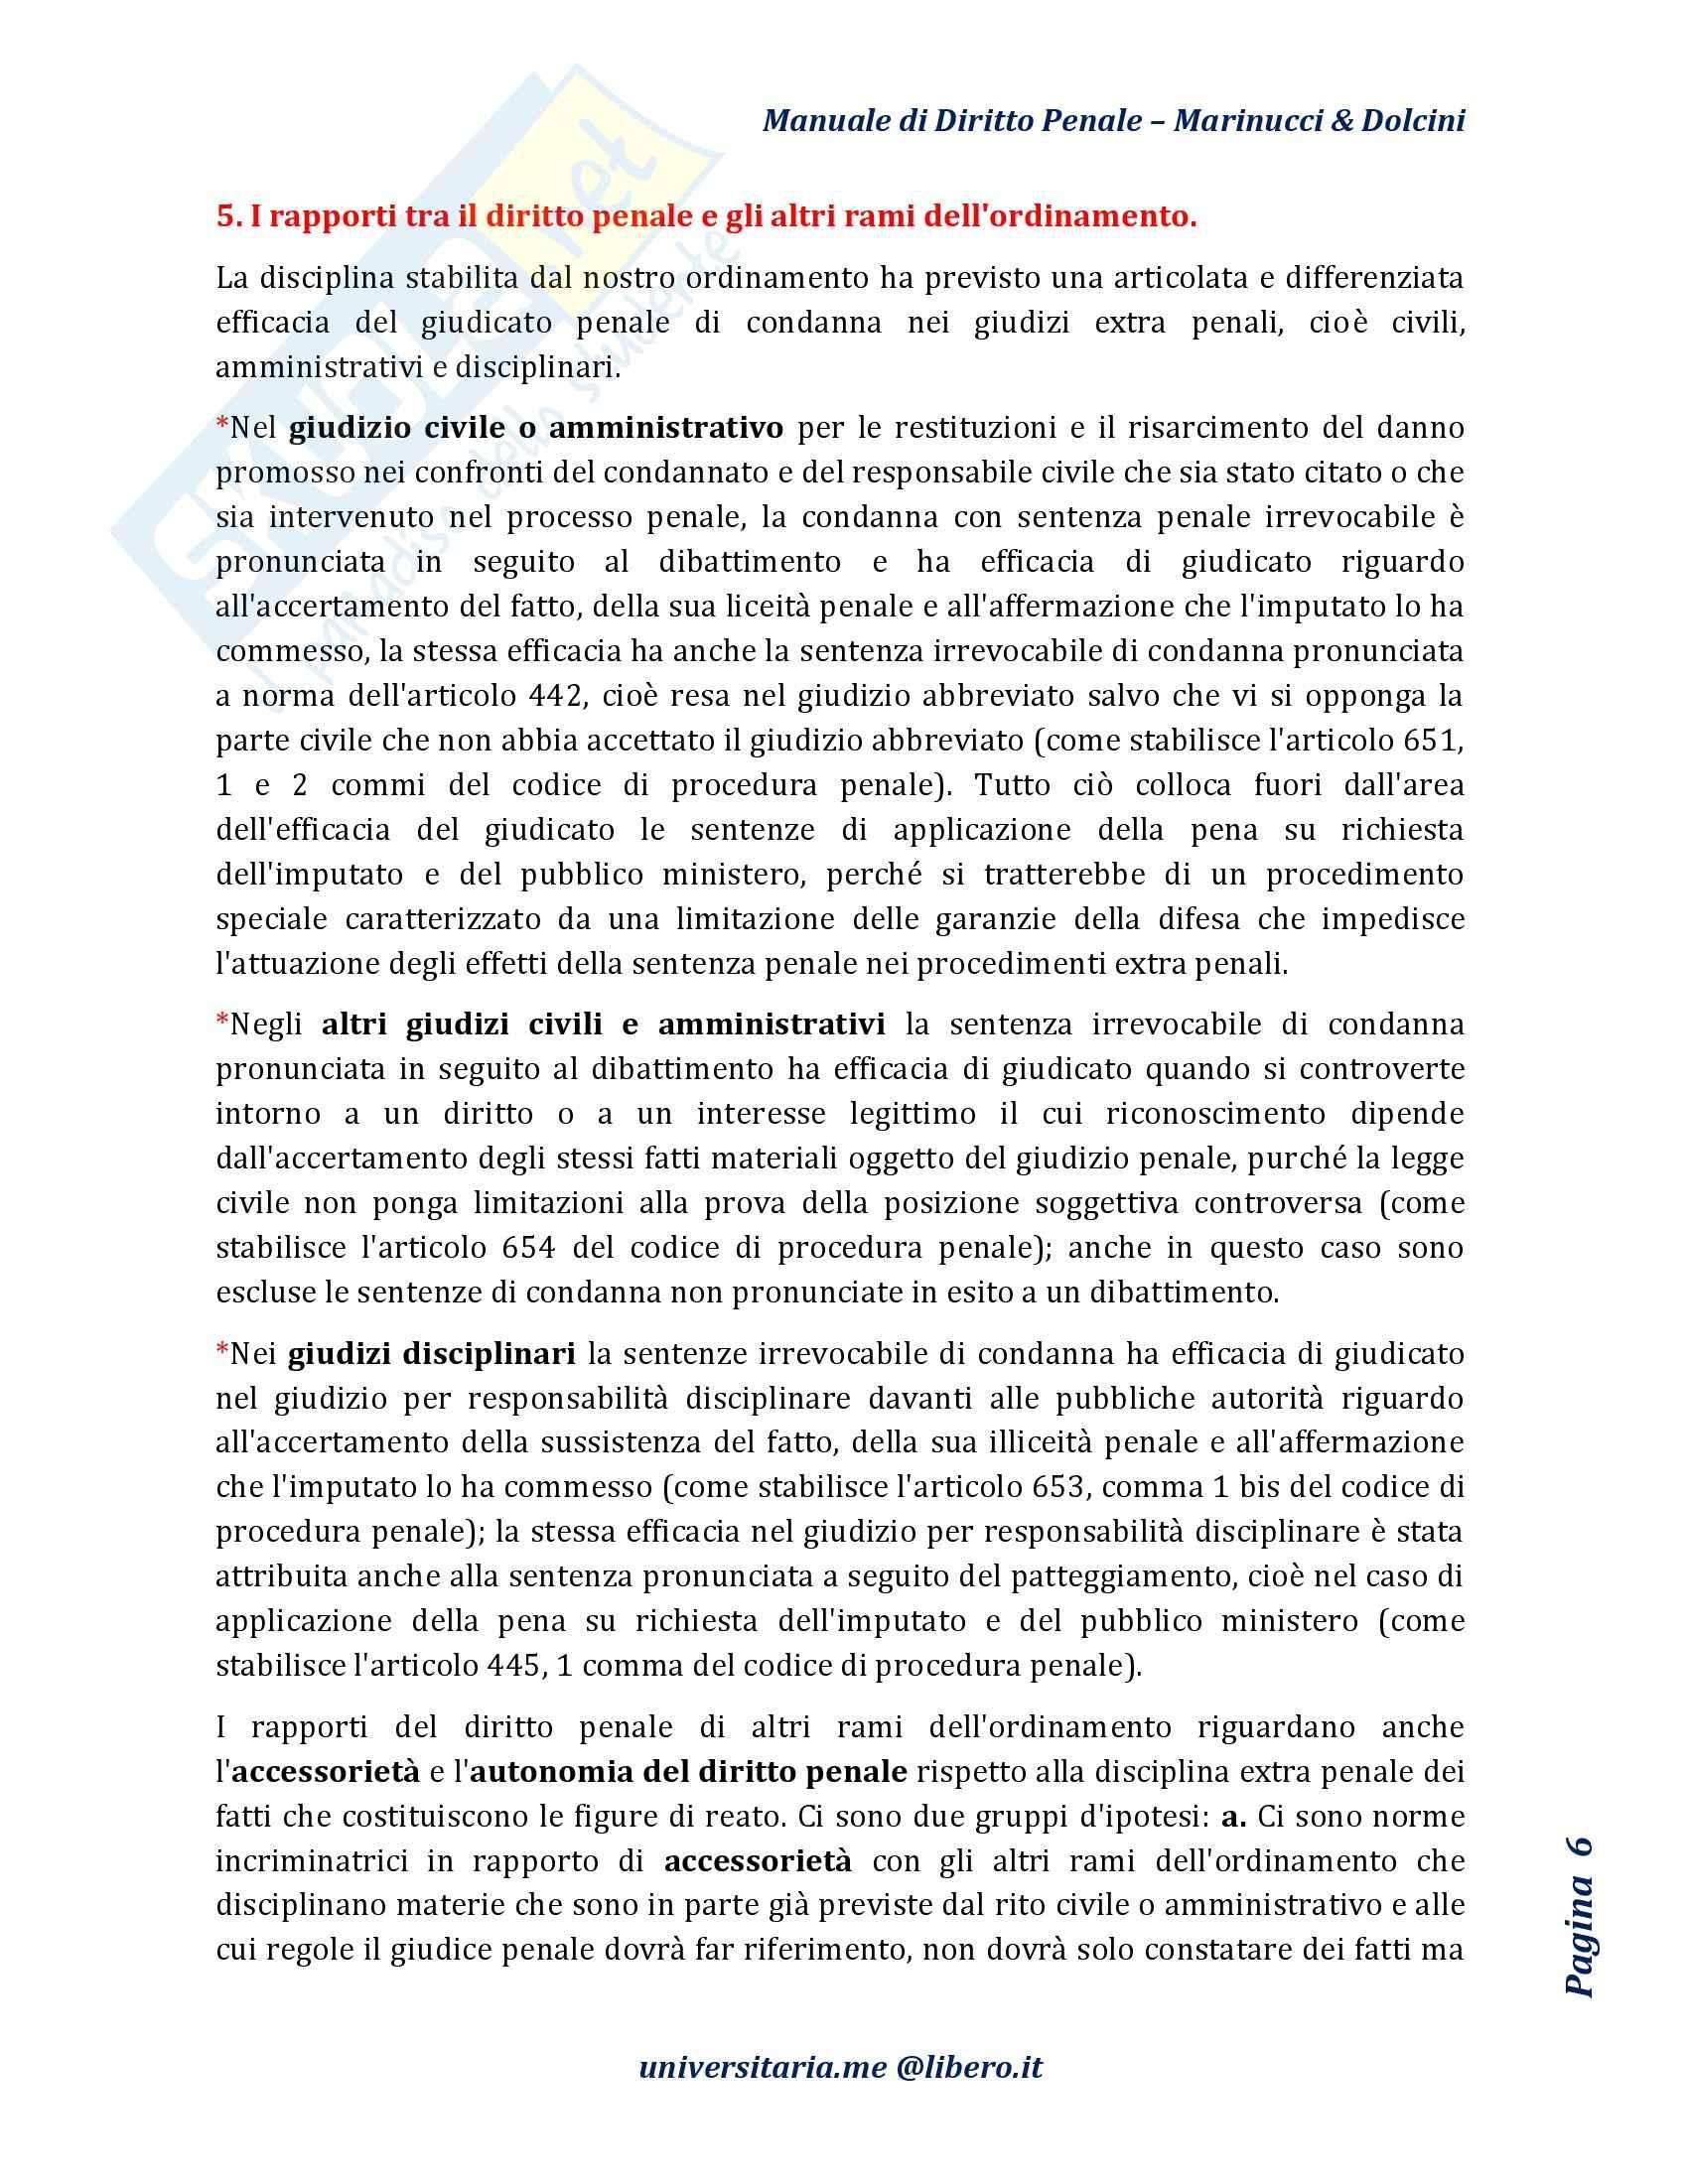 Riassunto esame Diritto Penale, prof. D'Ascola, libro consigliato Manuale di Diritto Penale, Marinucci, Dolcini Pag. 6